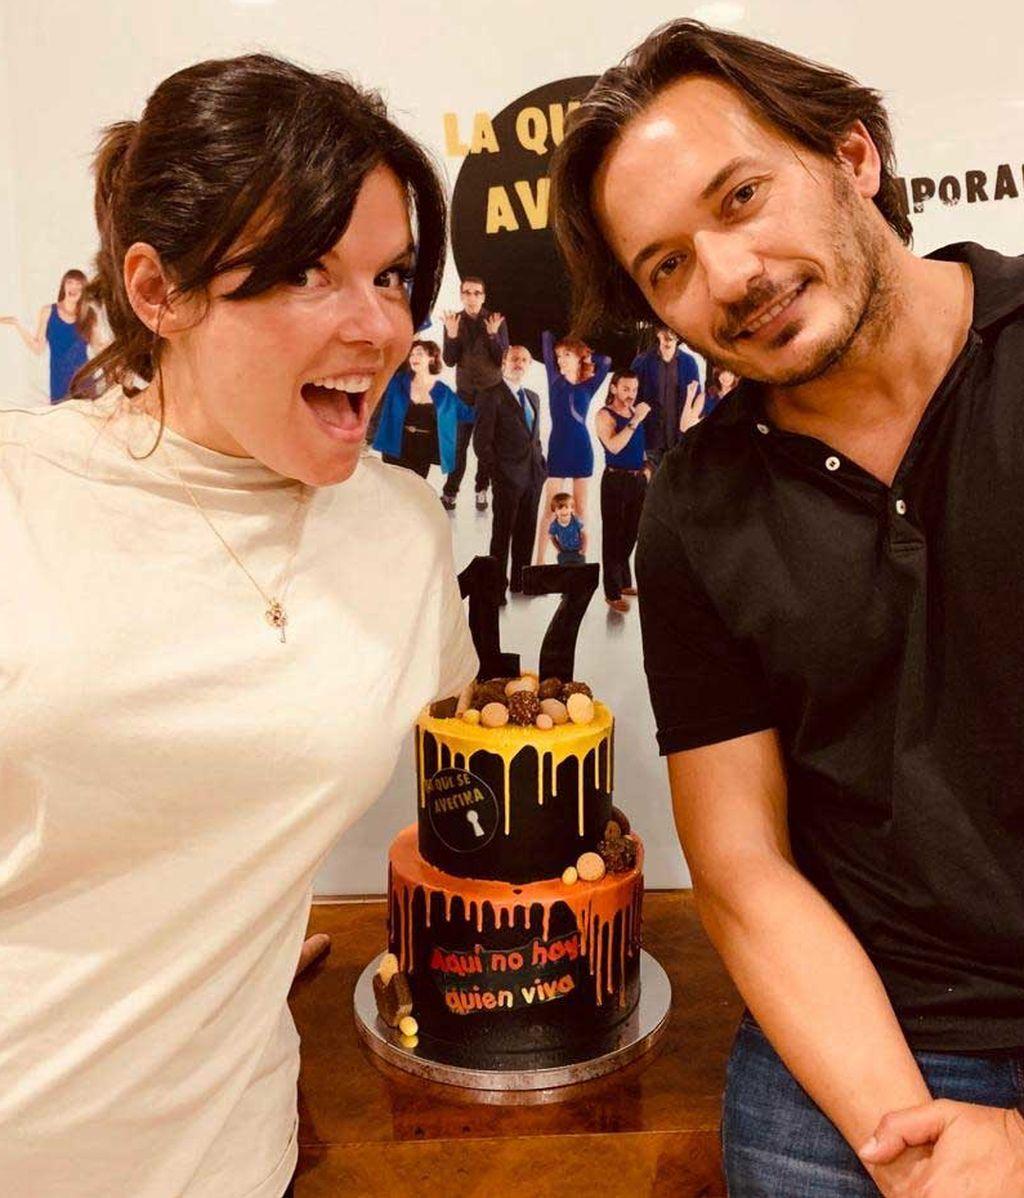 Laura y Alberto Caballero celebran 17 años en los platós de 'LQSA'